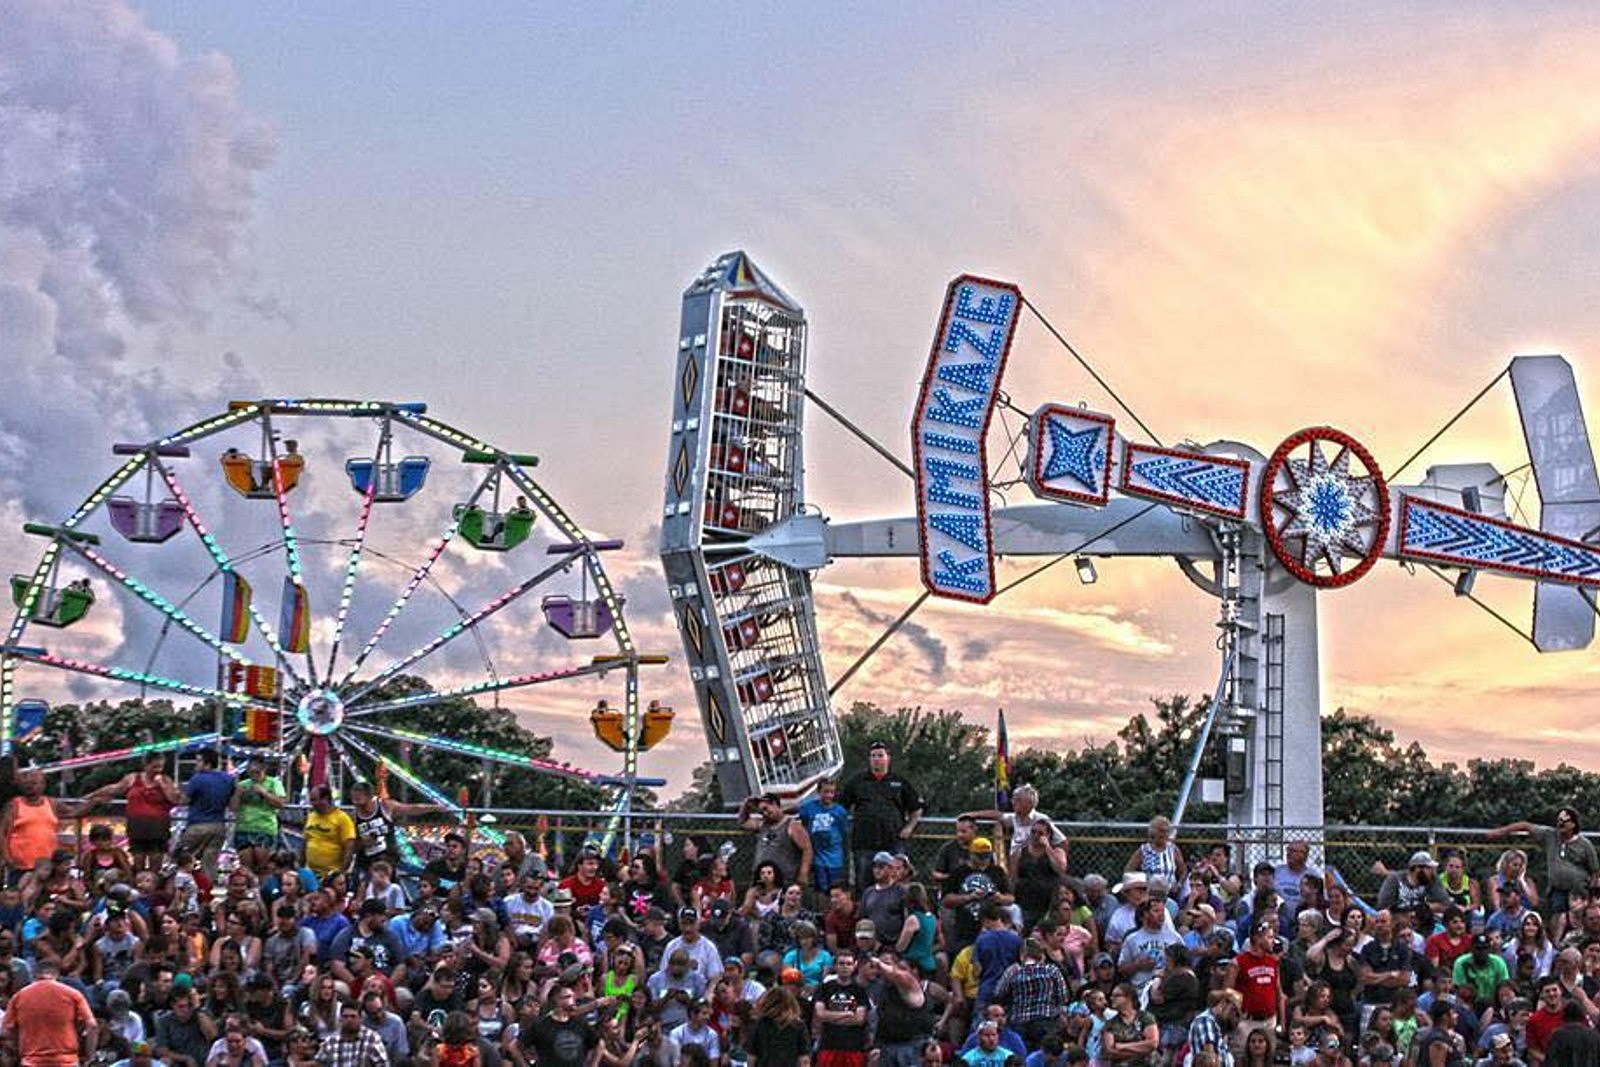 Benton County Fair via Facebook